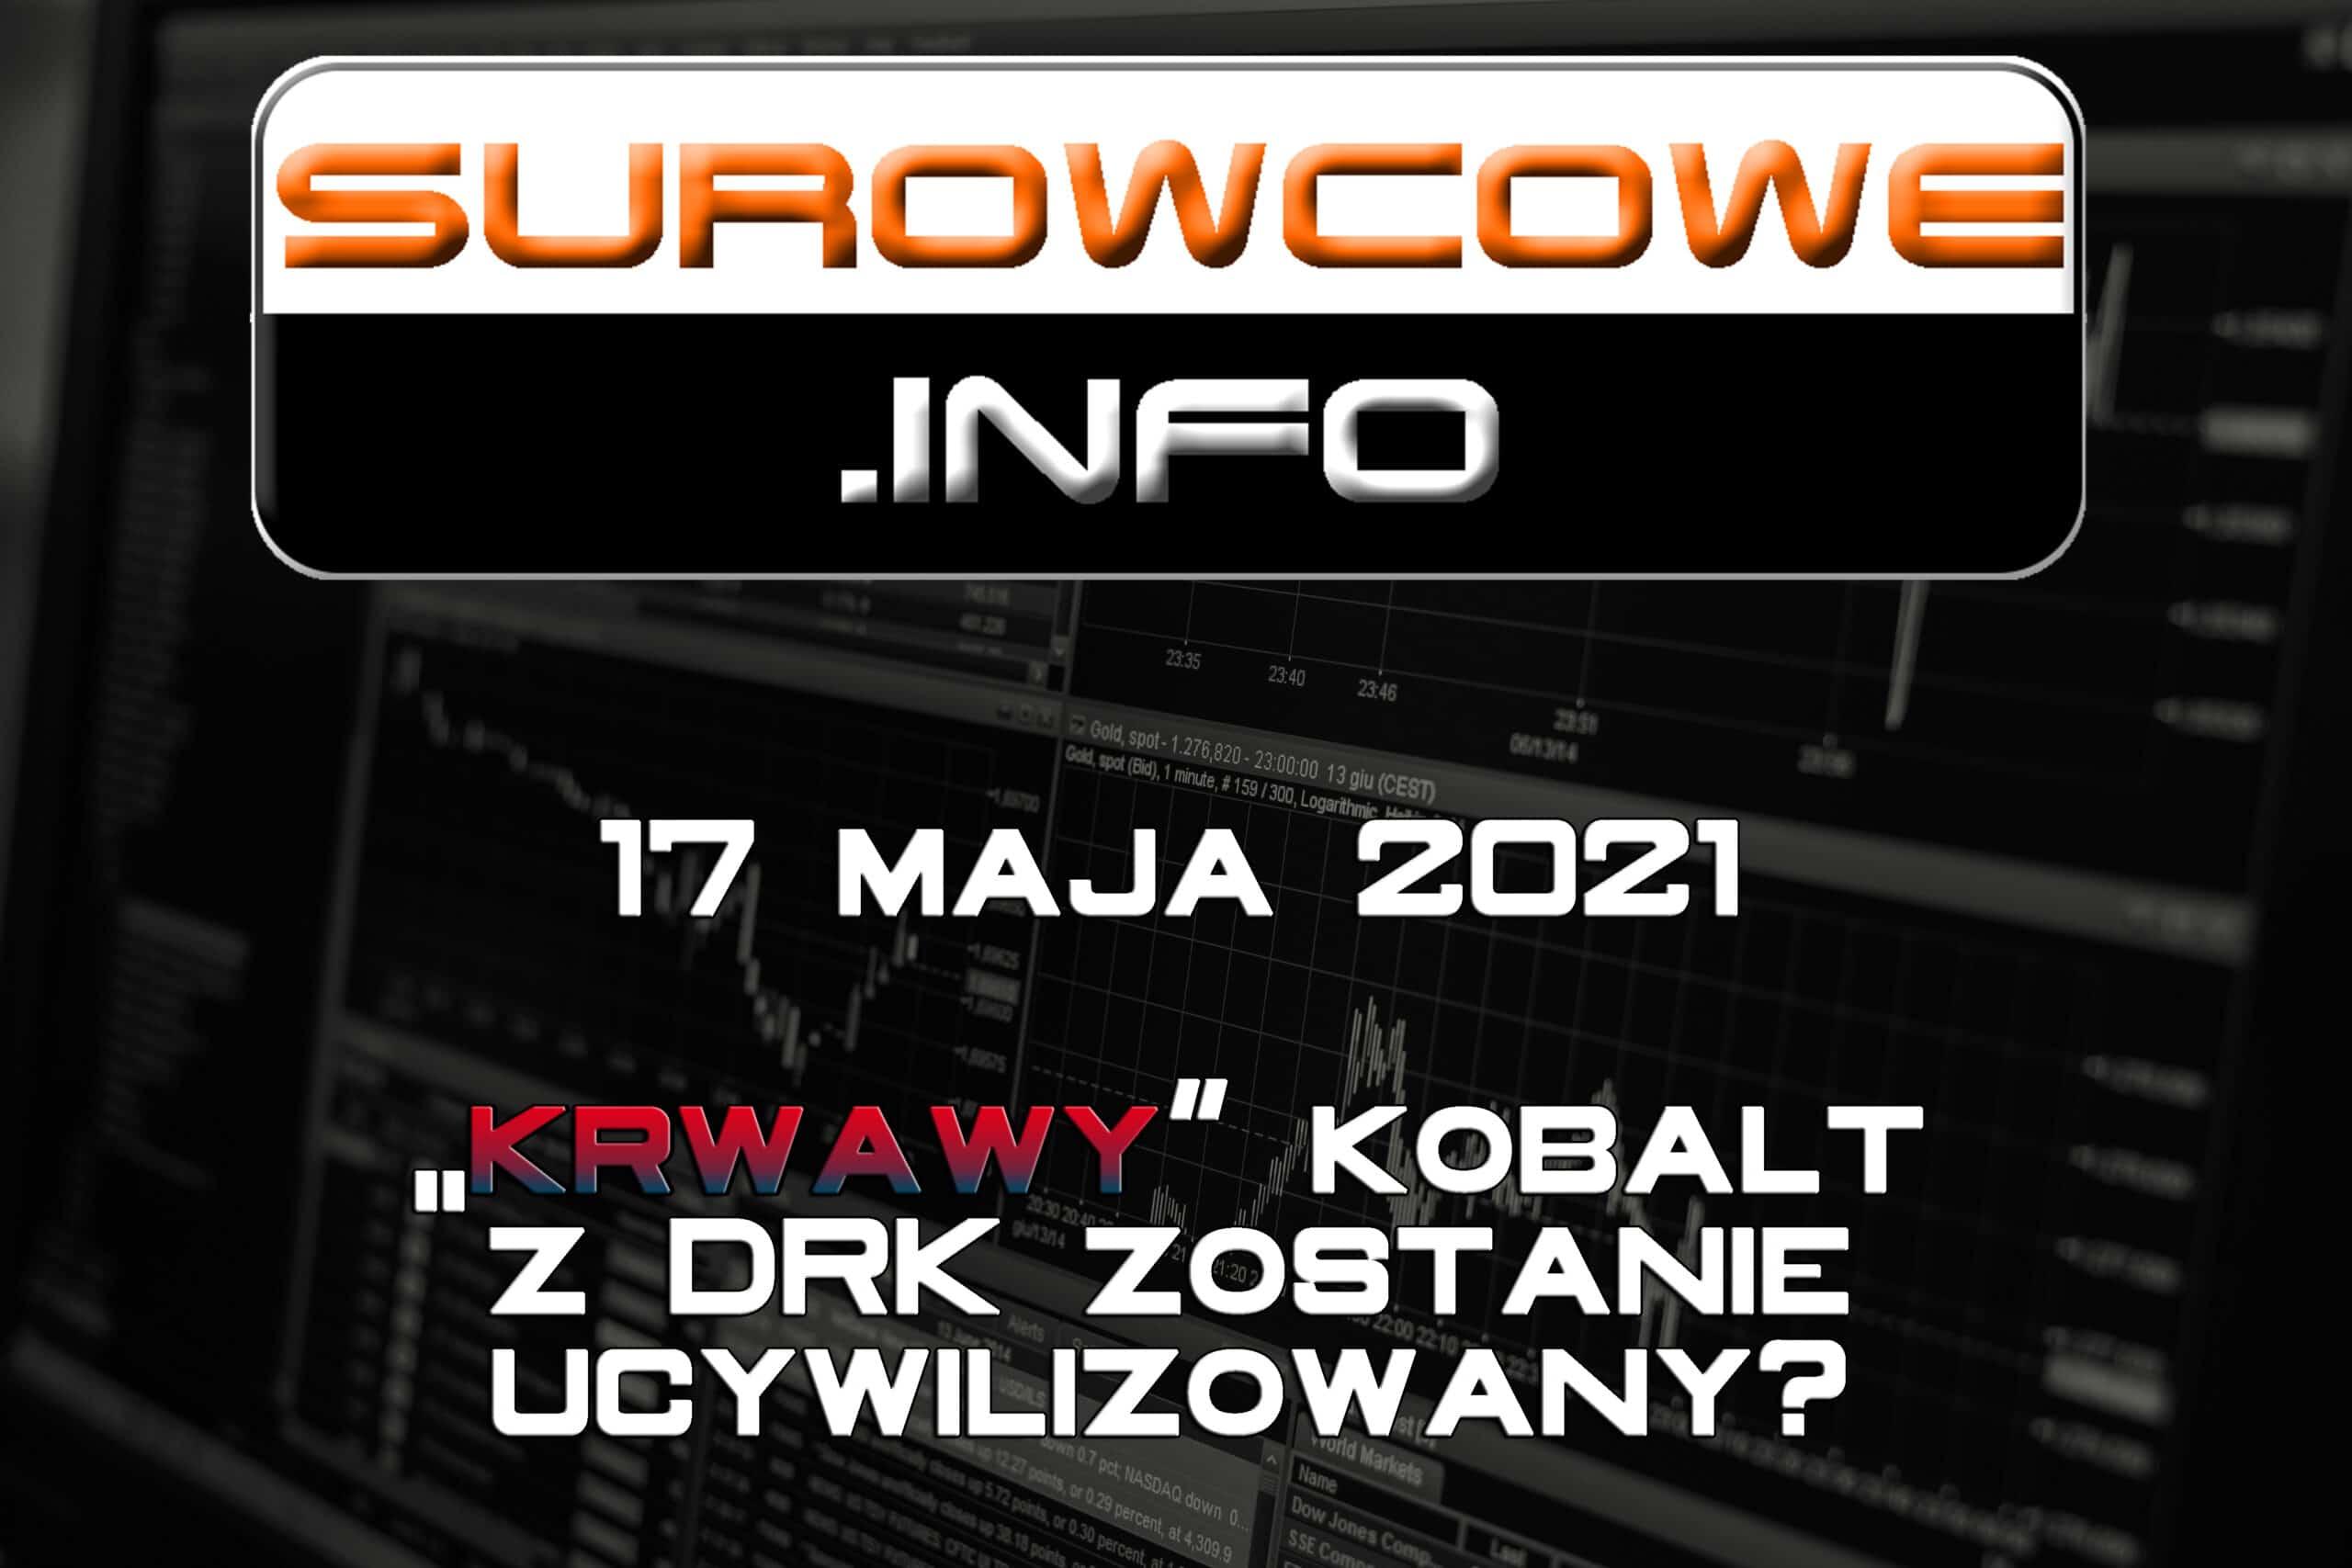 Surowcowe.info 17 maja 2021